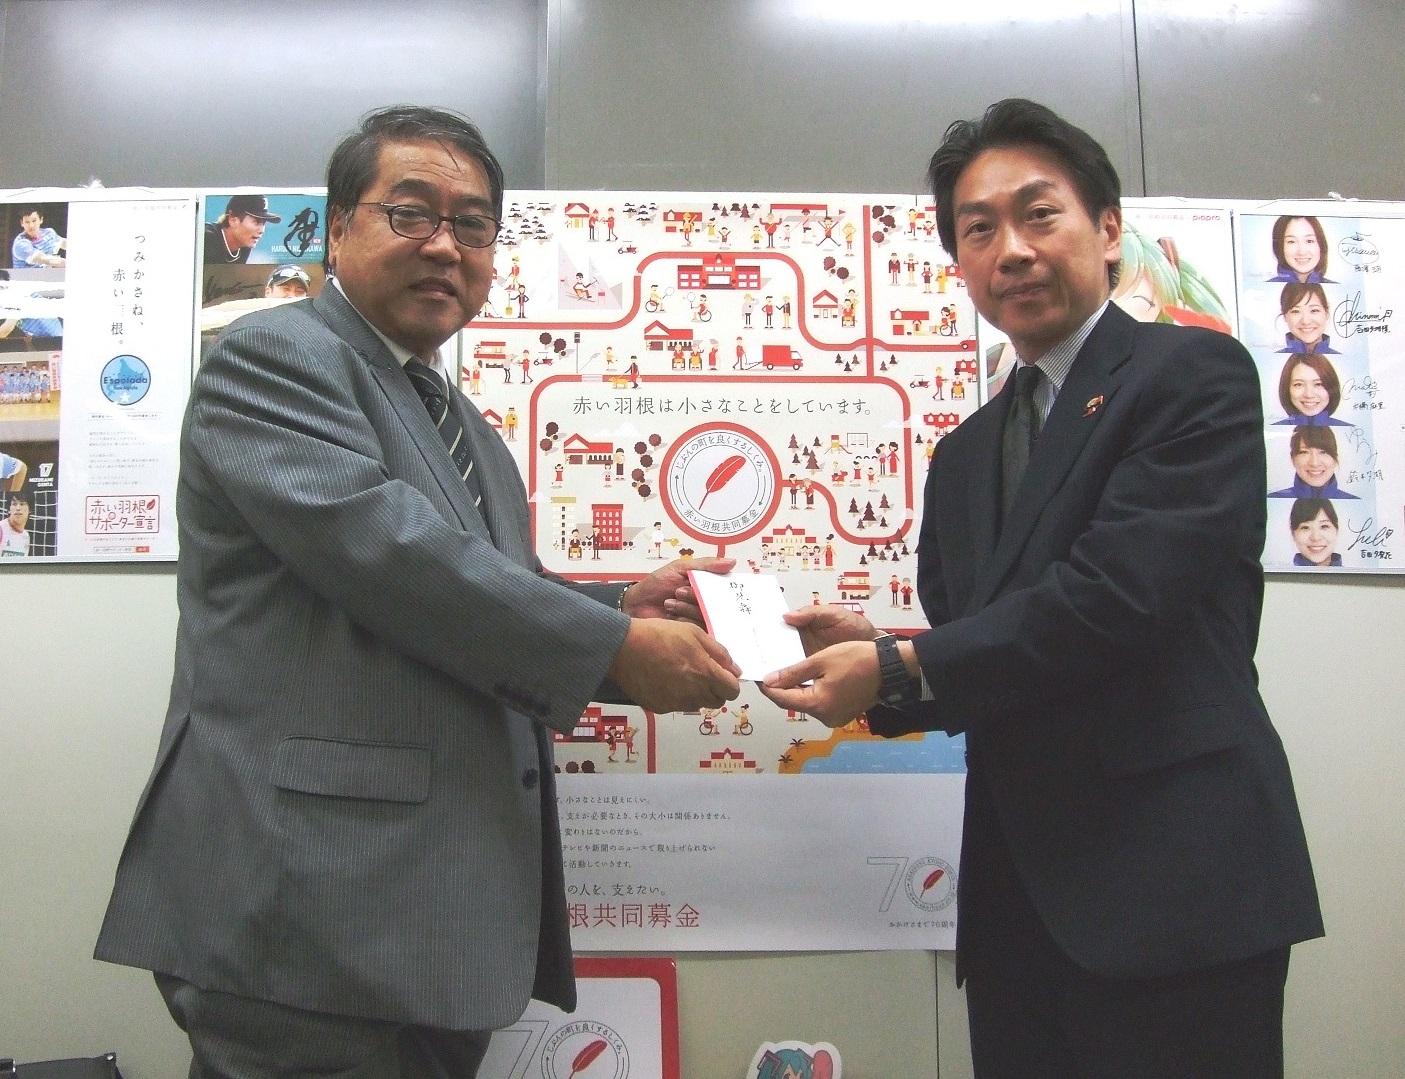 平成28年度台風災害に対する義援金を北海道共同募金会にお届けしました。